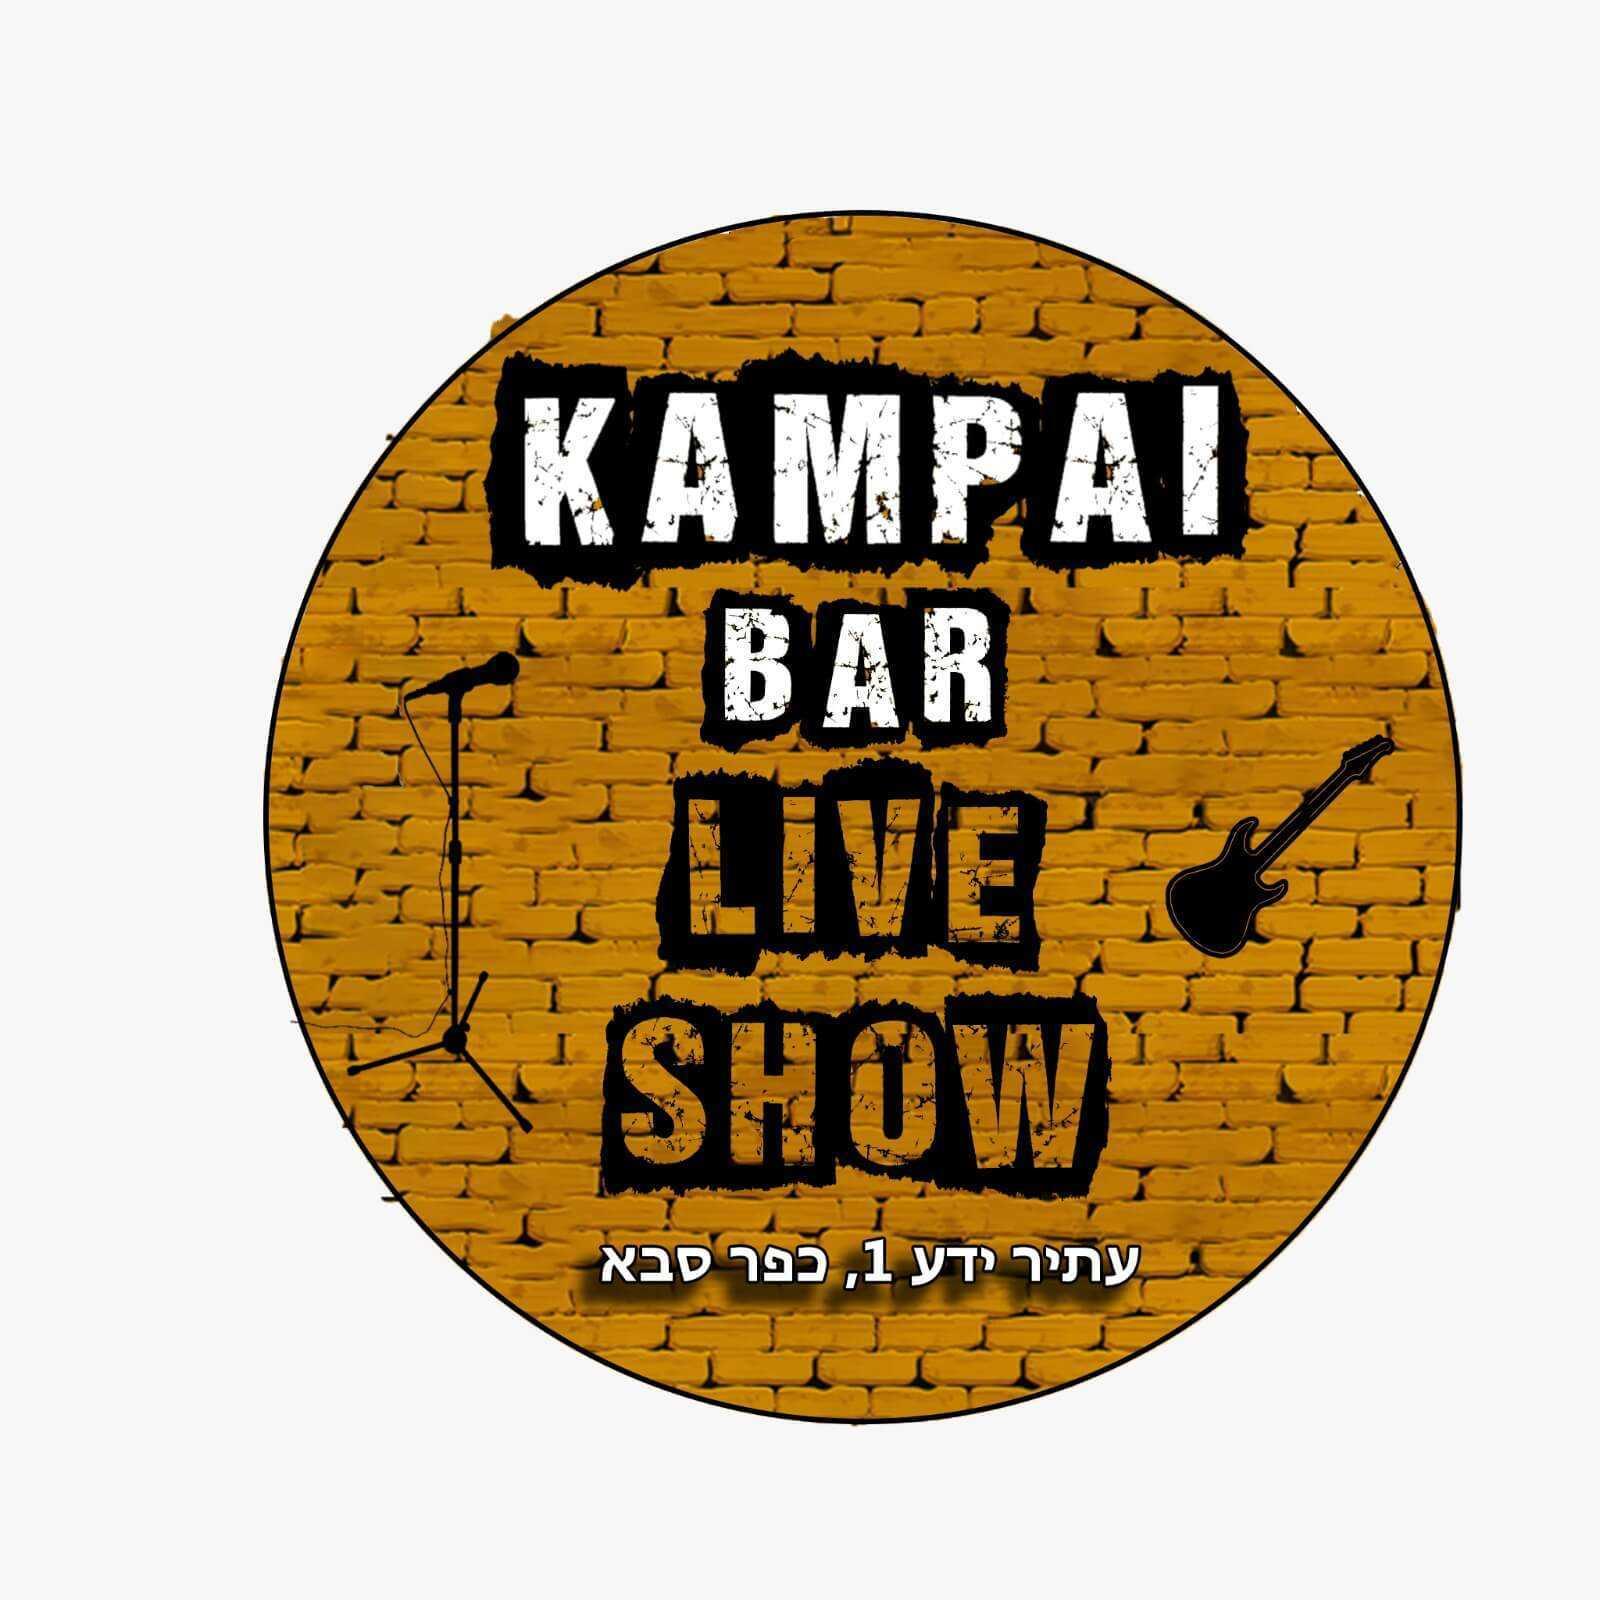 קמפאי בר הופעות - כפר סבא